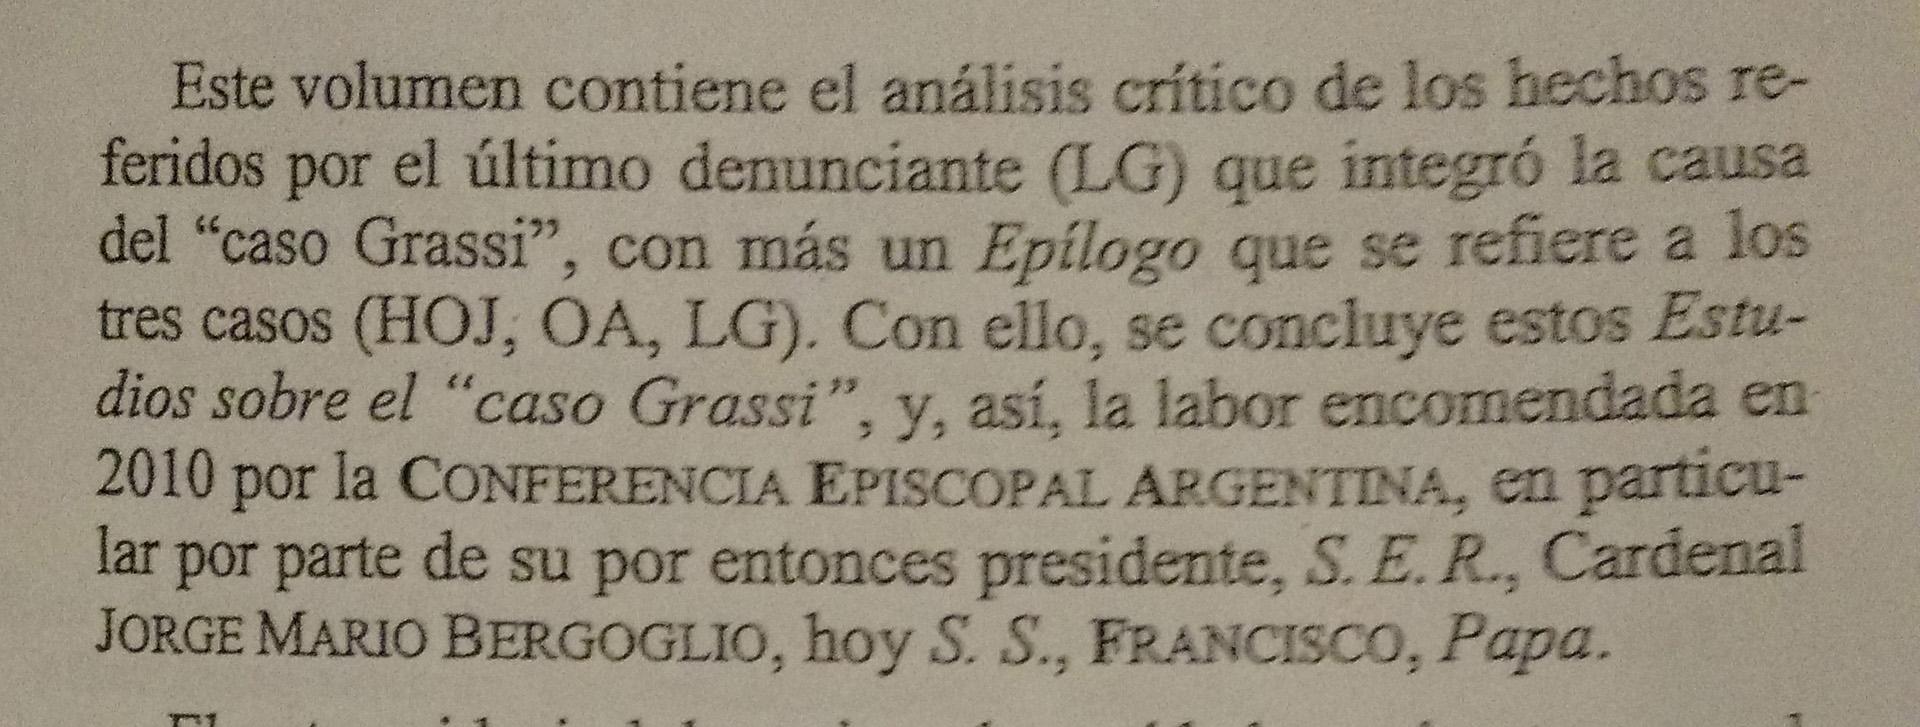 El pedido del hoy Papa, afirmado en los libros mismos.